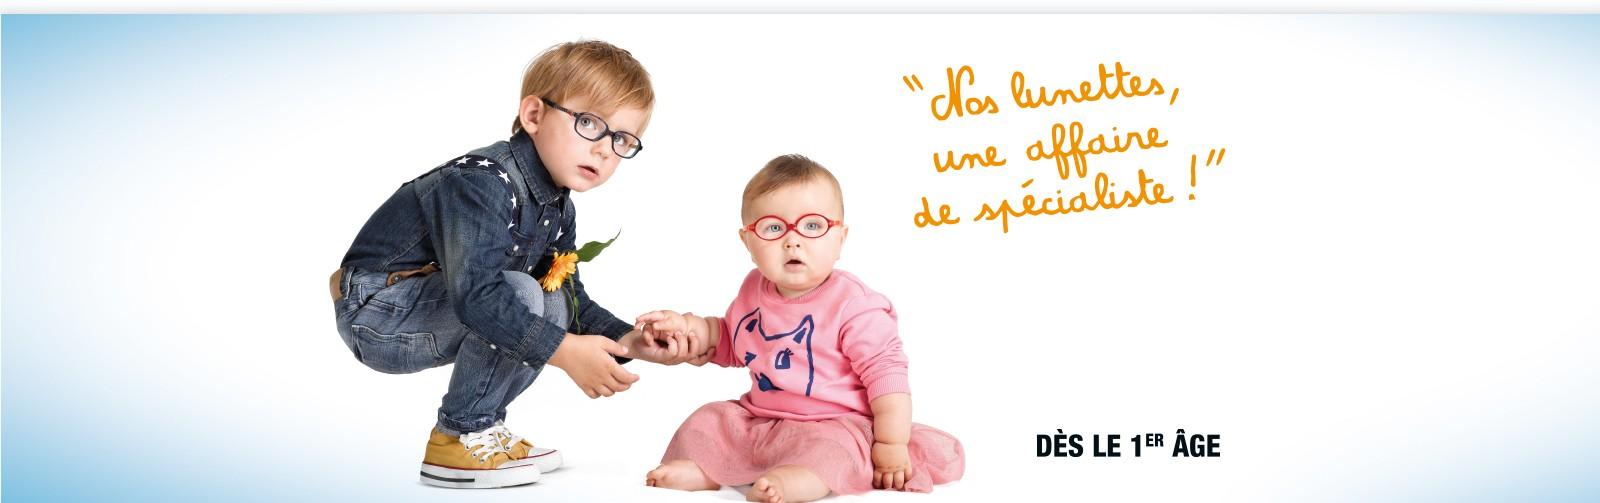 a6a4023e6f Optikid : Spécialiste de l'optique et des lunettes pour enfants